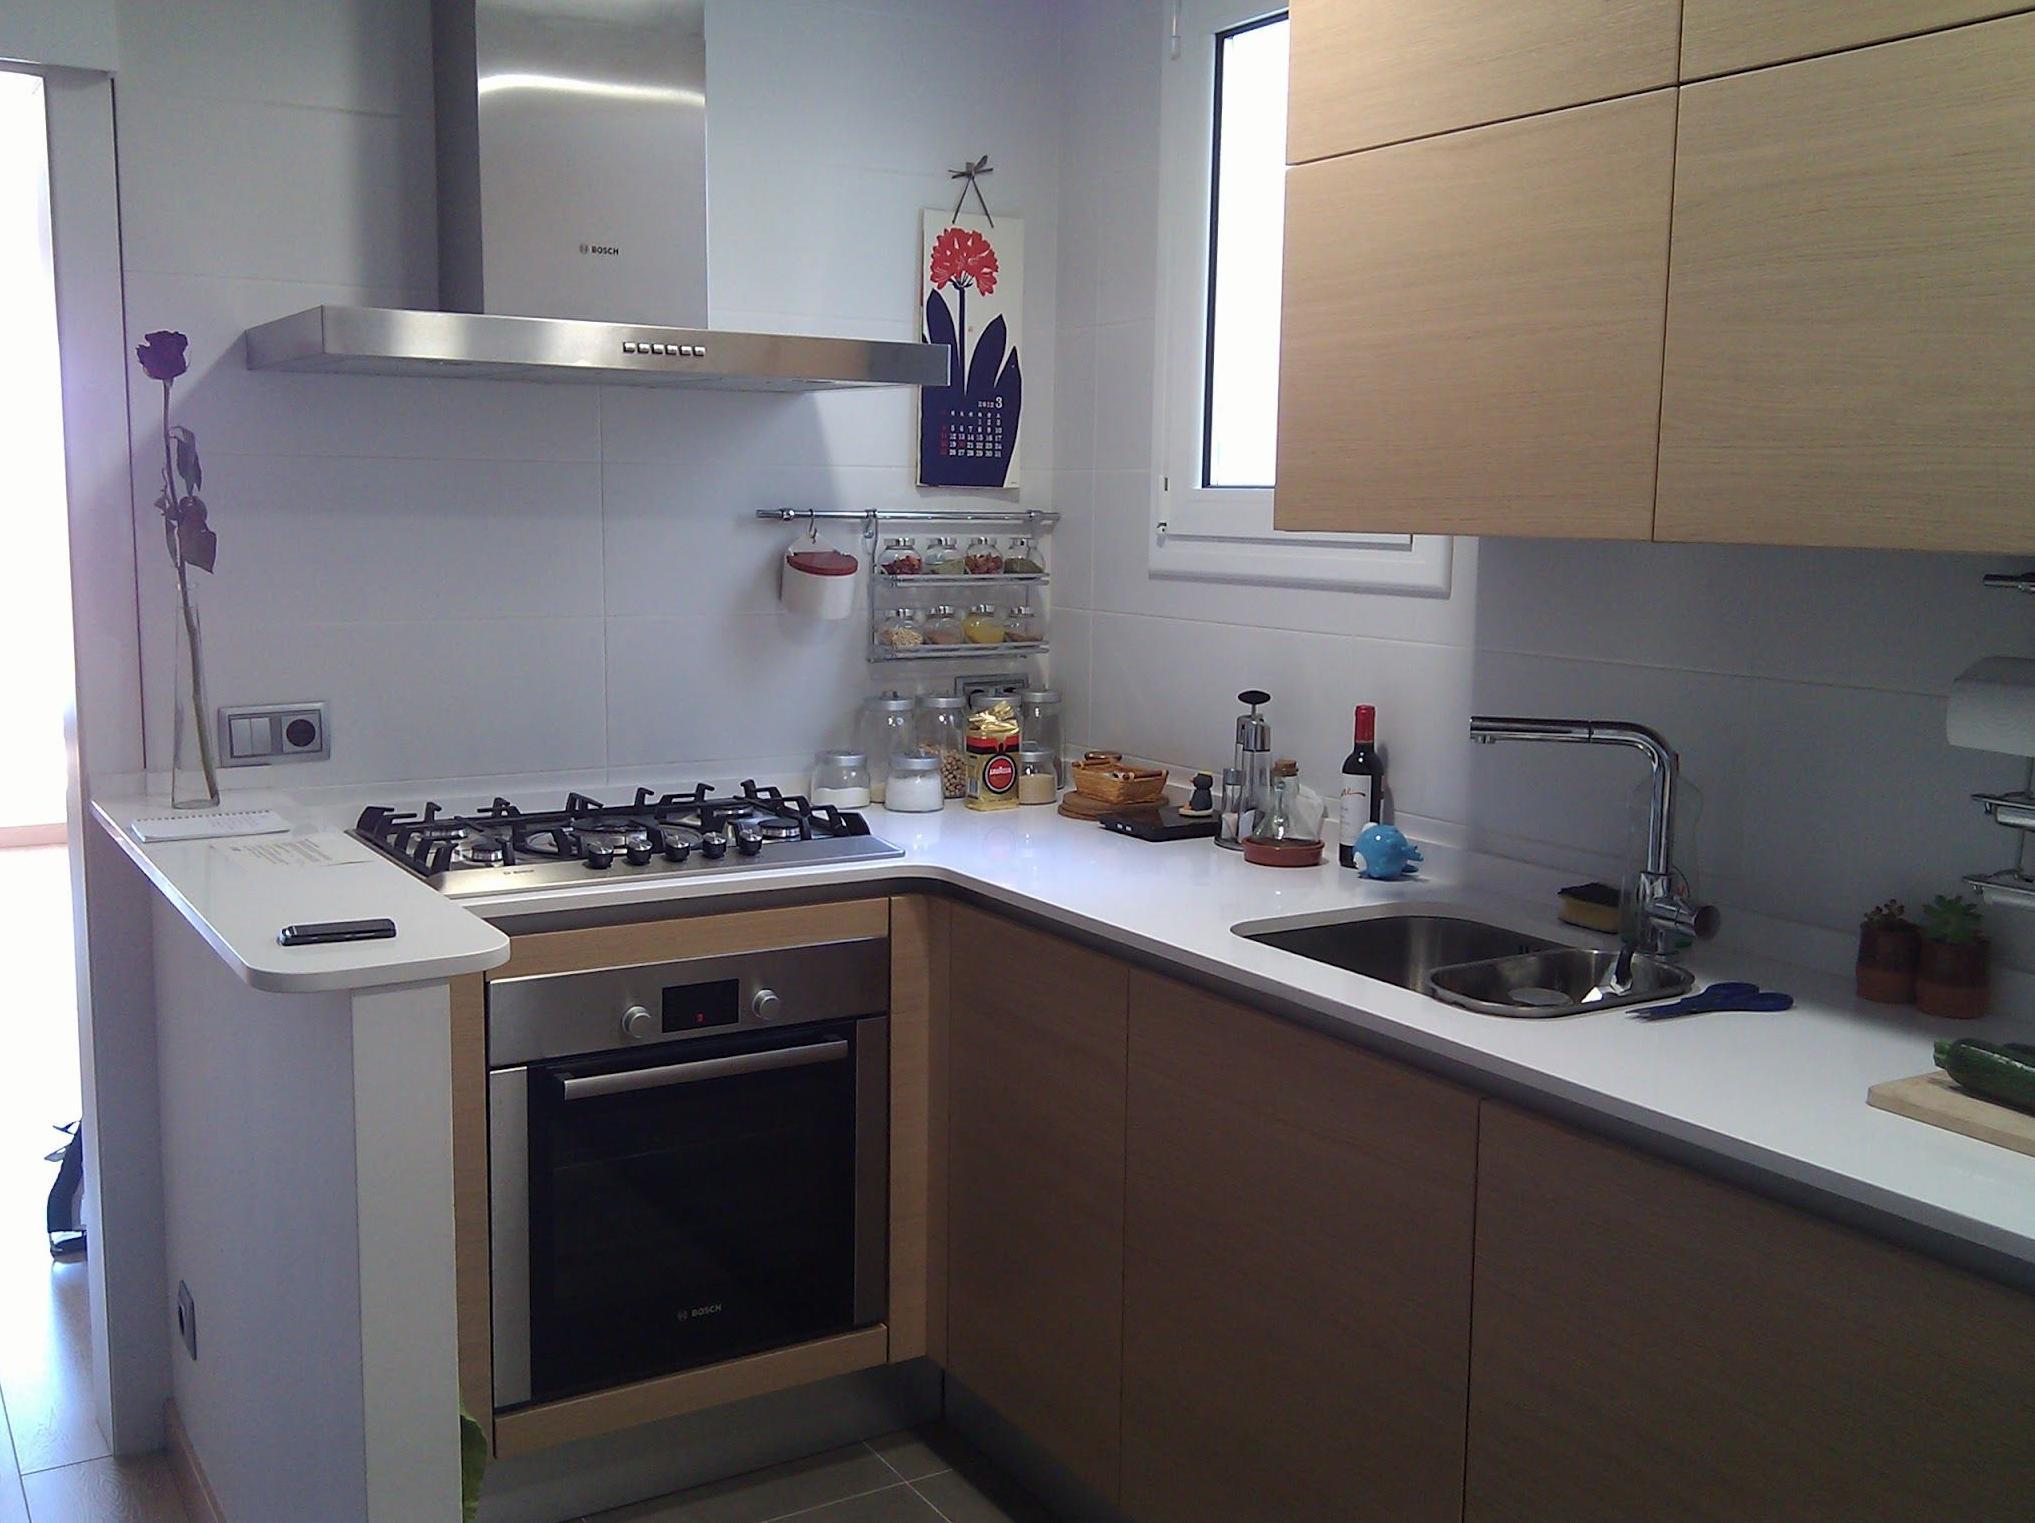 Instalar campana extractor en cocina servicios y productos de instal lacions davelor - Campanas para cocinas ...